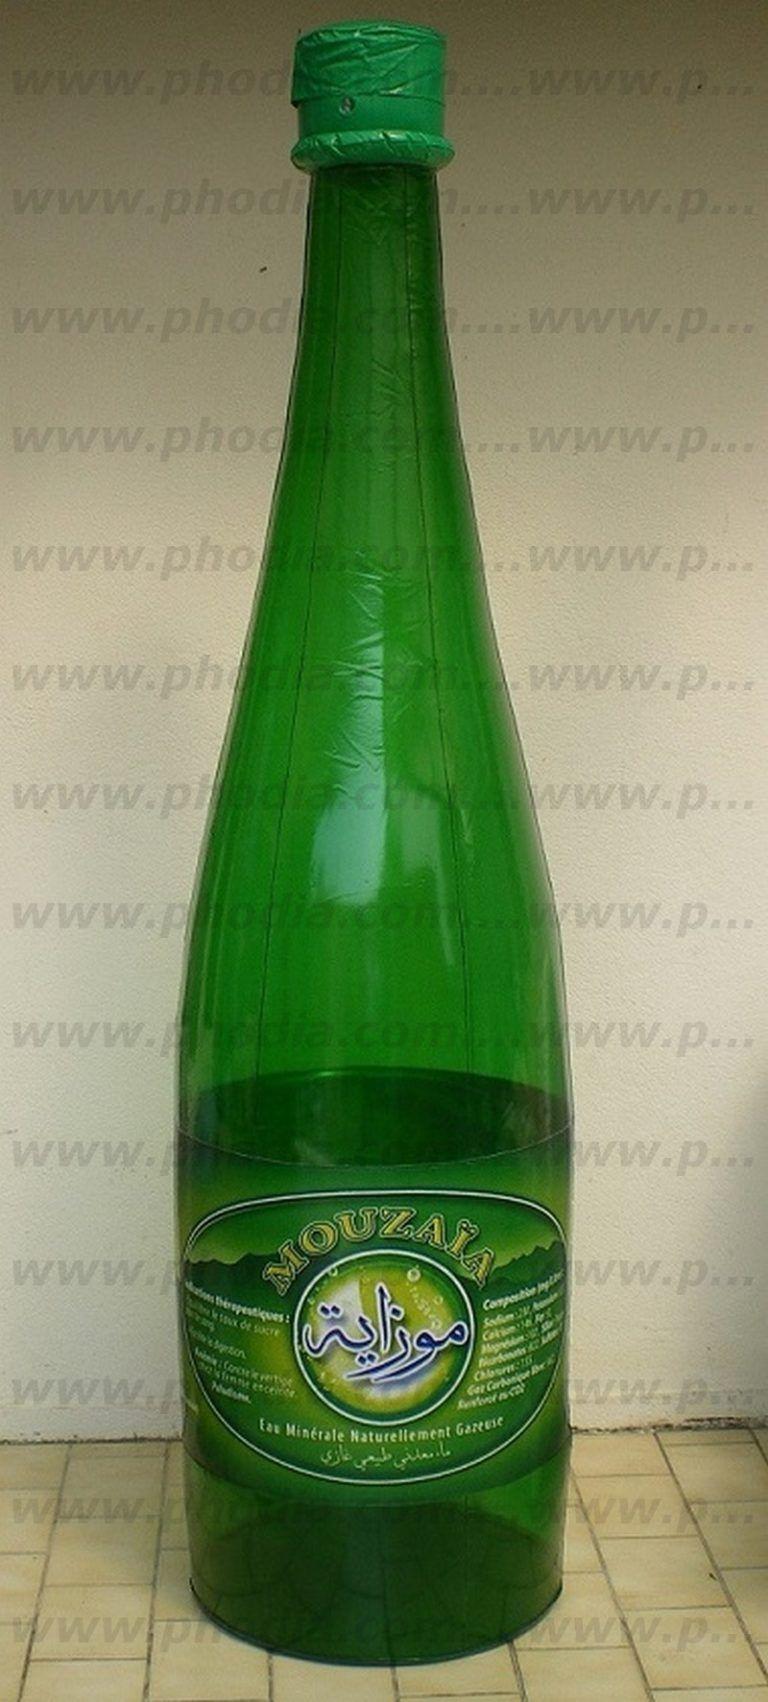 bouteille d'eau verte transparente géante avec logo 2 faces